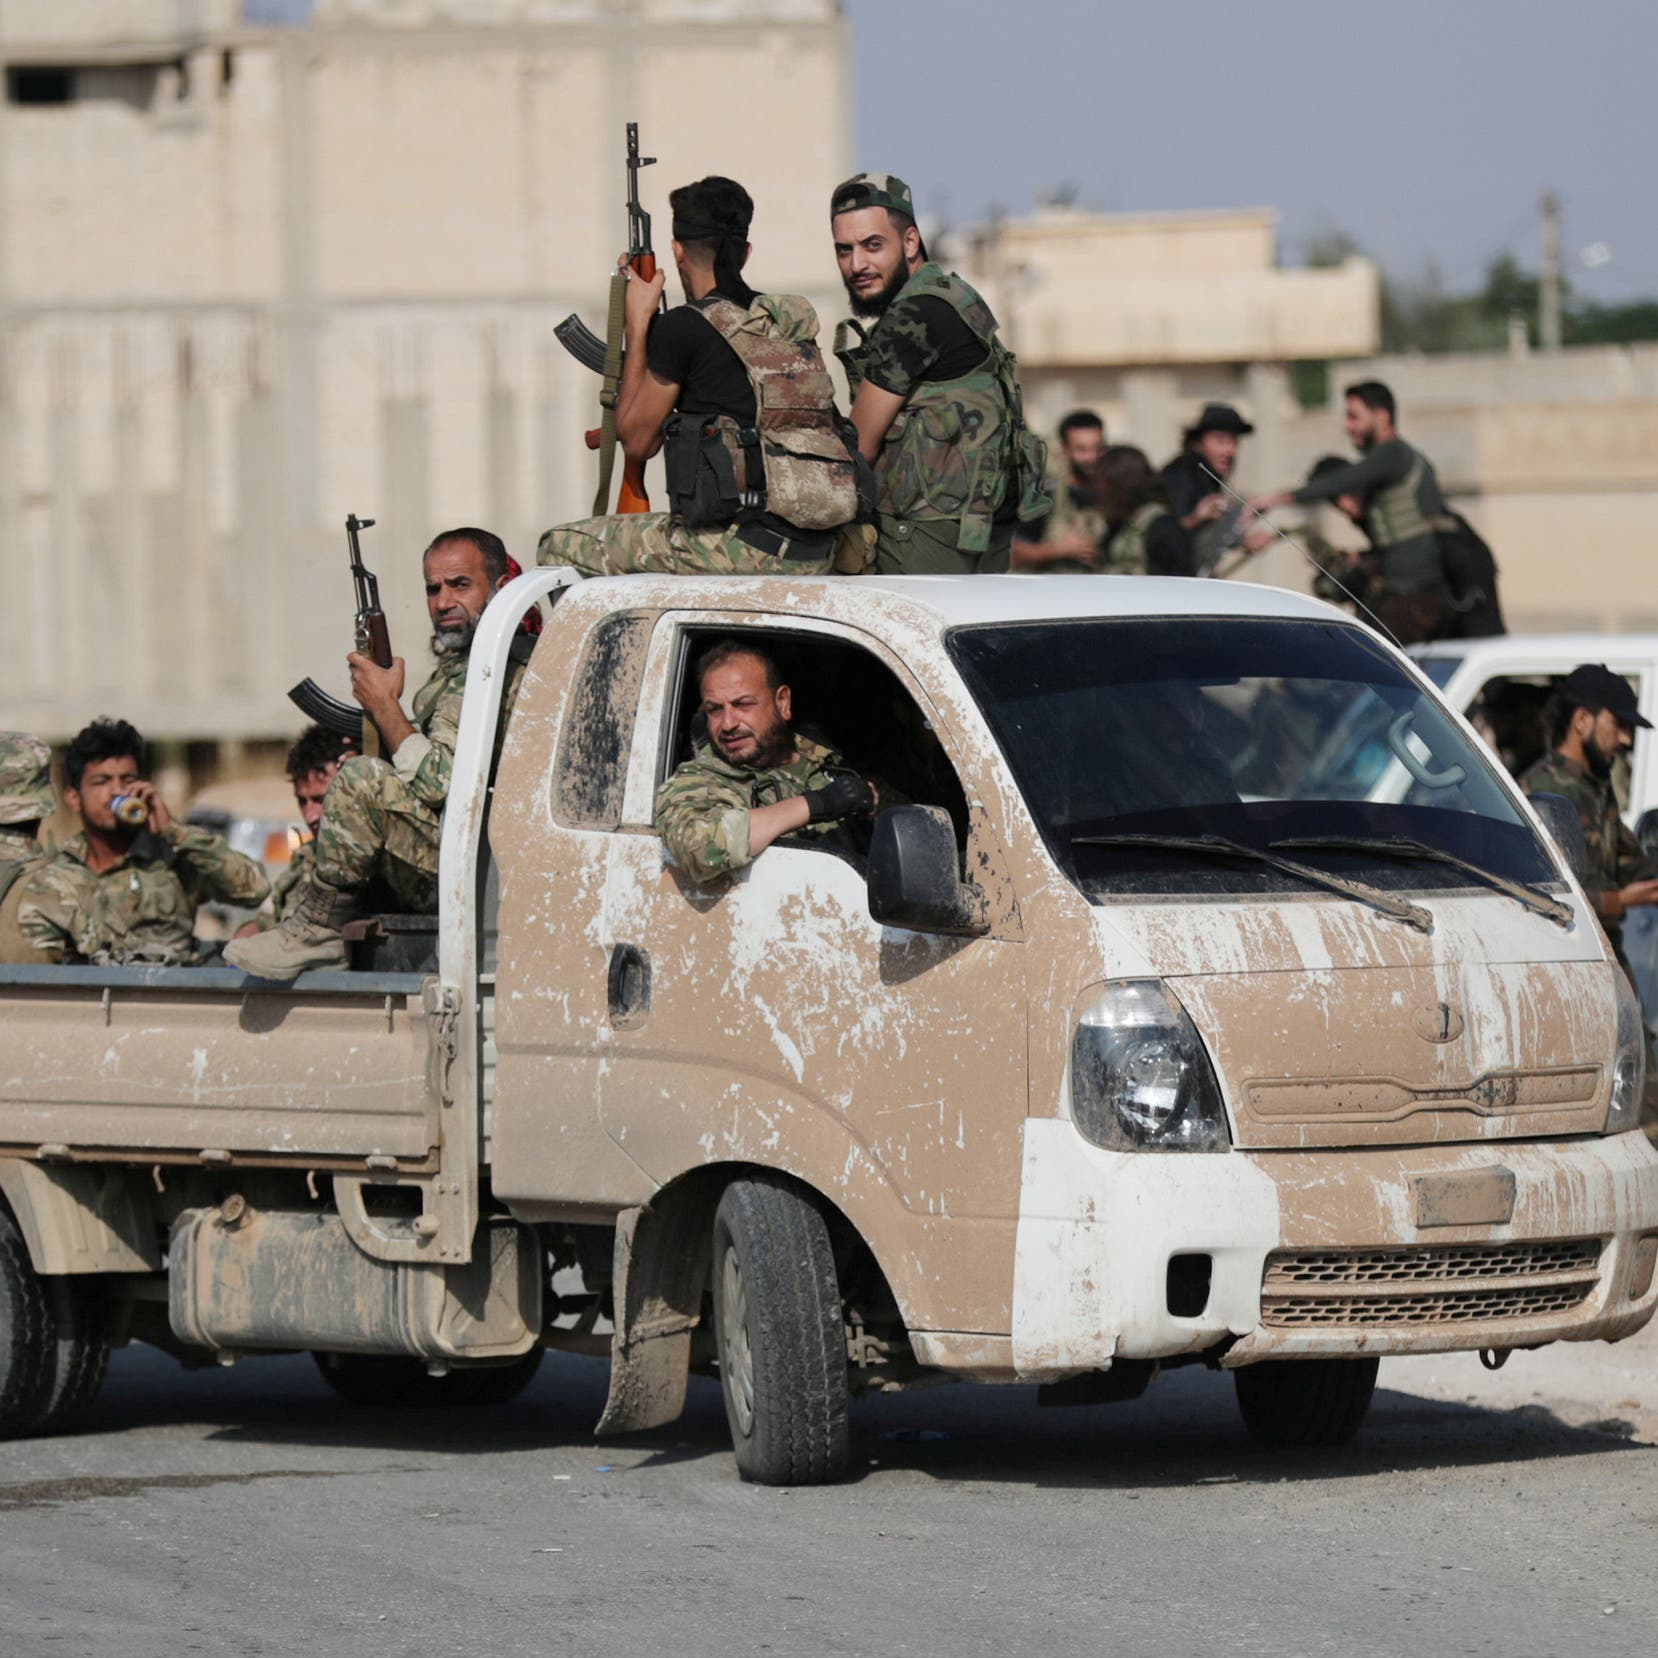 صحيفة أميركية: أدلة على جرائم حرب لقوات مدعومة من تركيا بسوريا